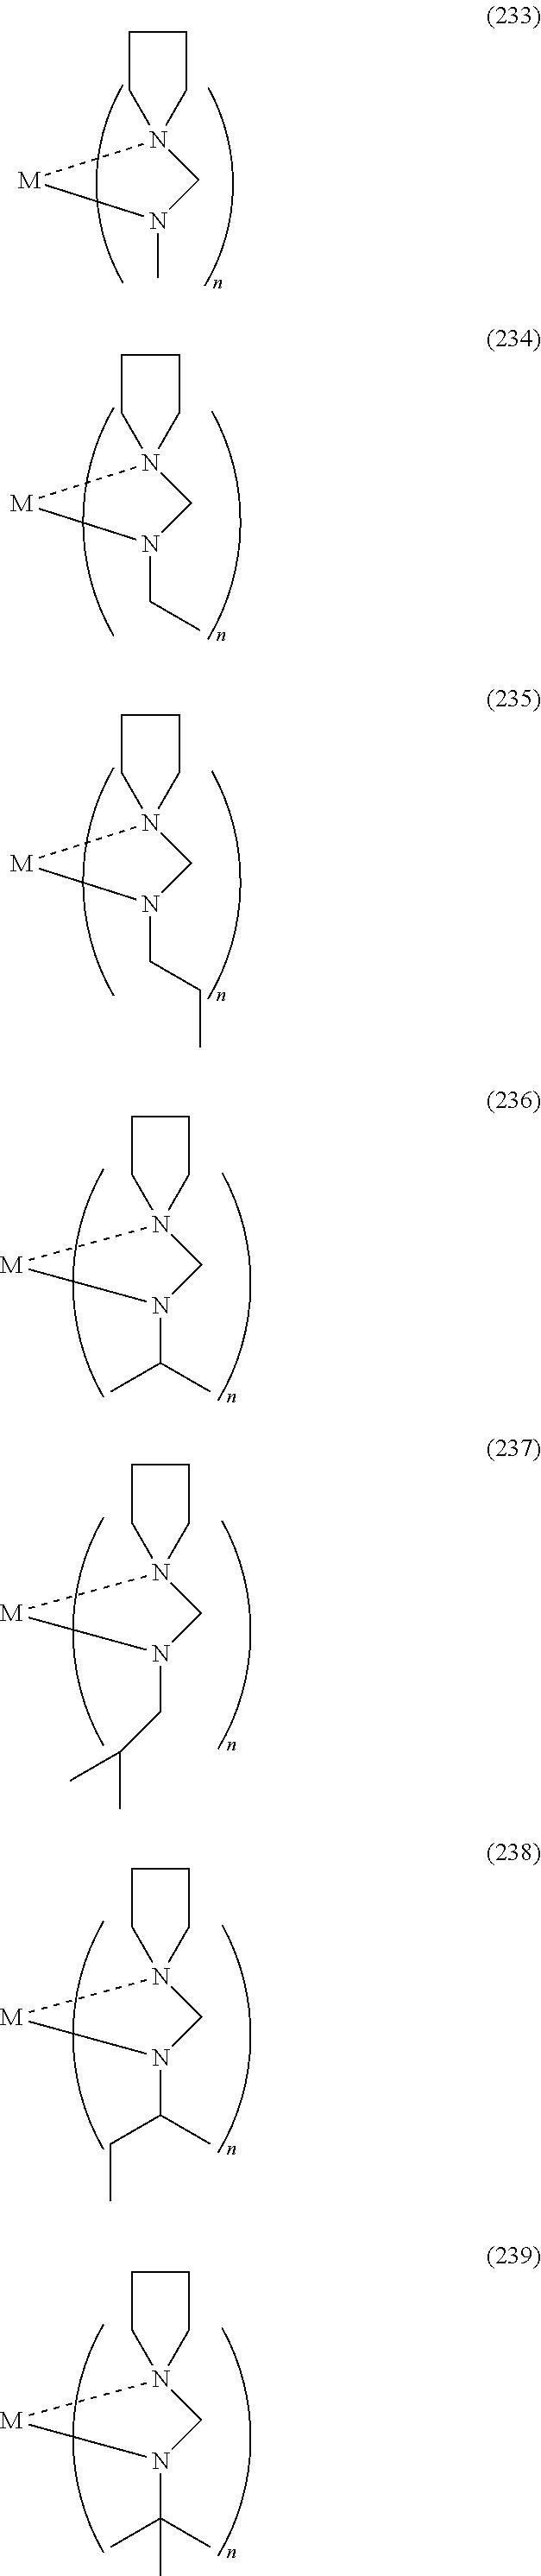 Figure US08871304-20141028-C00048